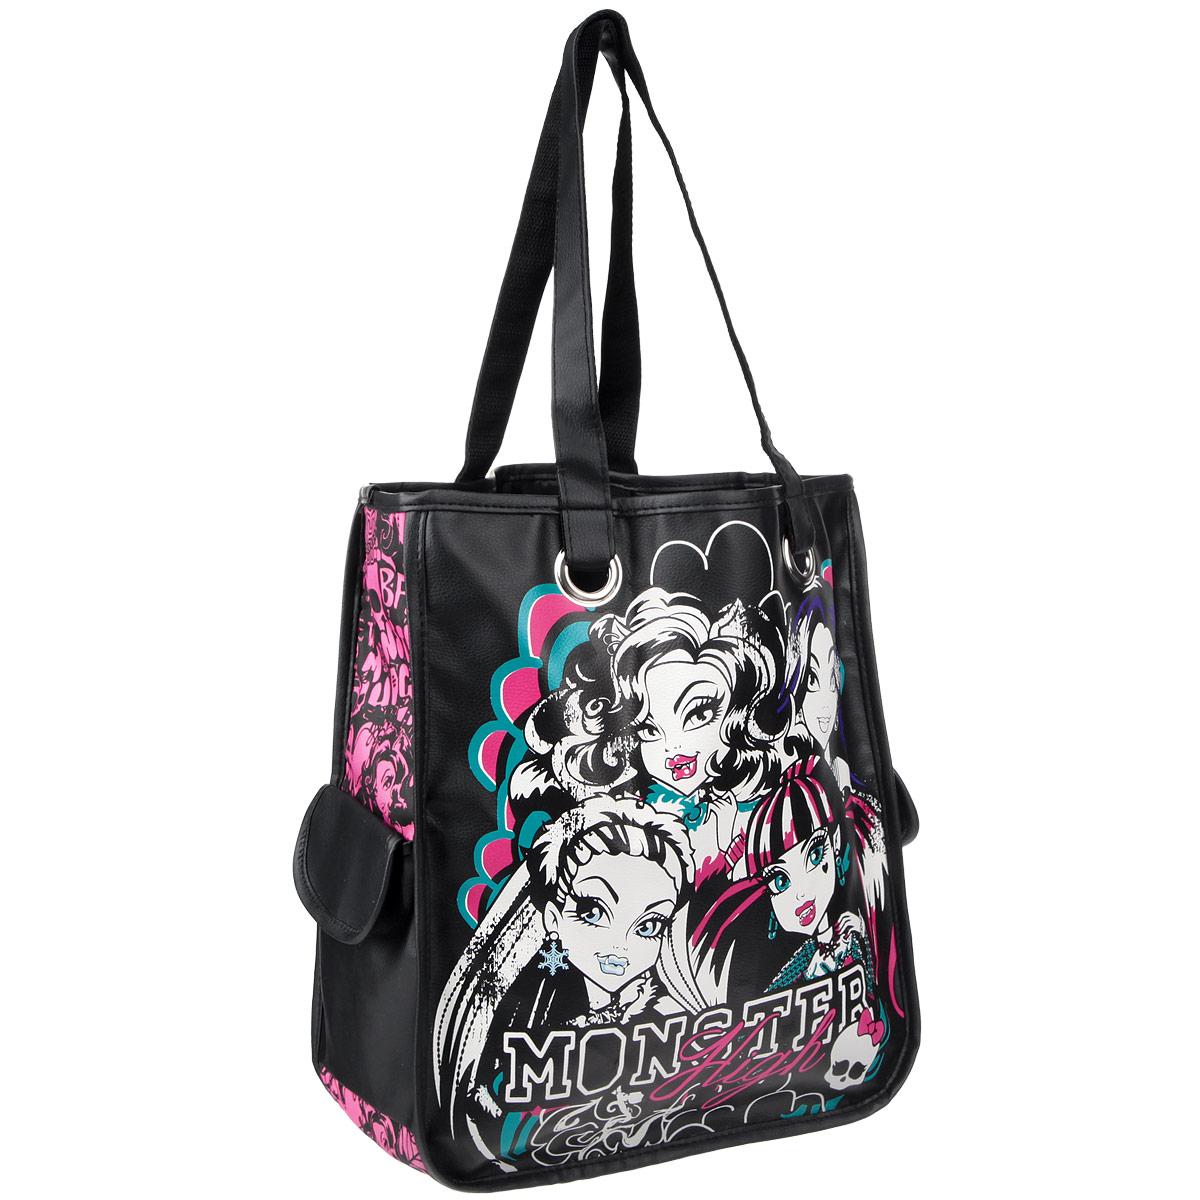 Эффектная детская сумка Monster High обязательно понравится вашему ребенку. Сумочка выполнена из легкого текстильного материала и украшена ярким принтом с изображением героев одноименного популярного мультсериала. Сумка имеет одно большое внутреннее отделение и два боковых кармана на липучке. Яркую сумку с длинными текстильными ручками можно носить как в руках, так и на плече.